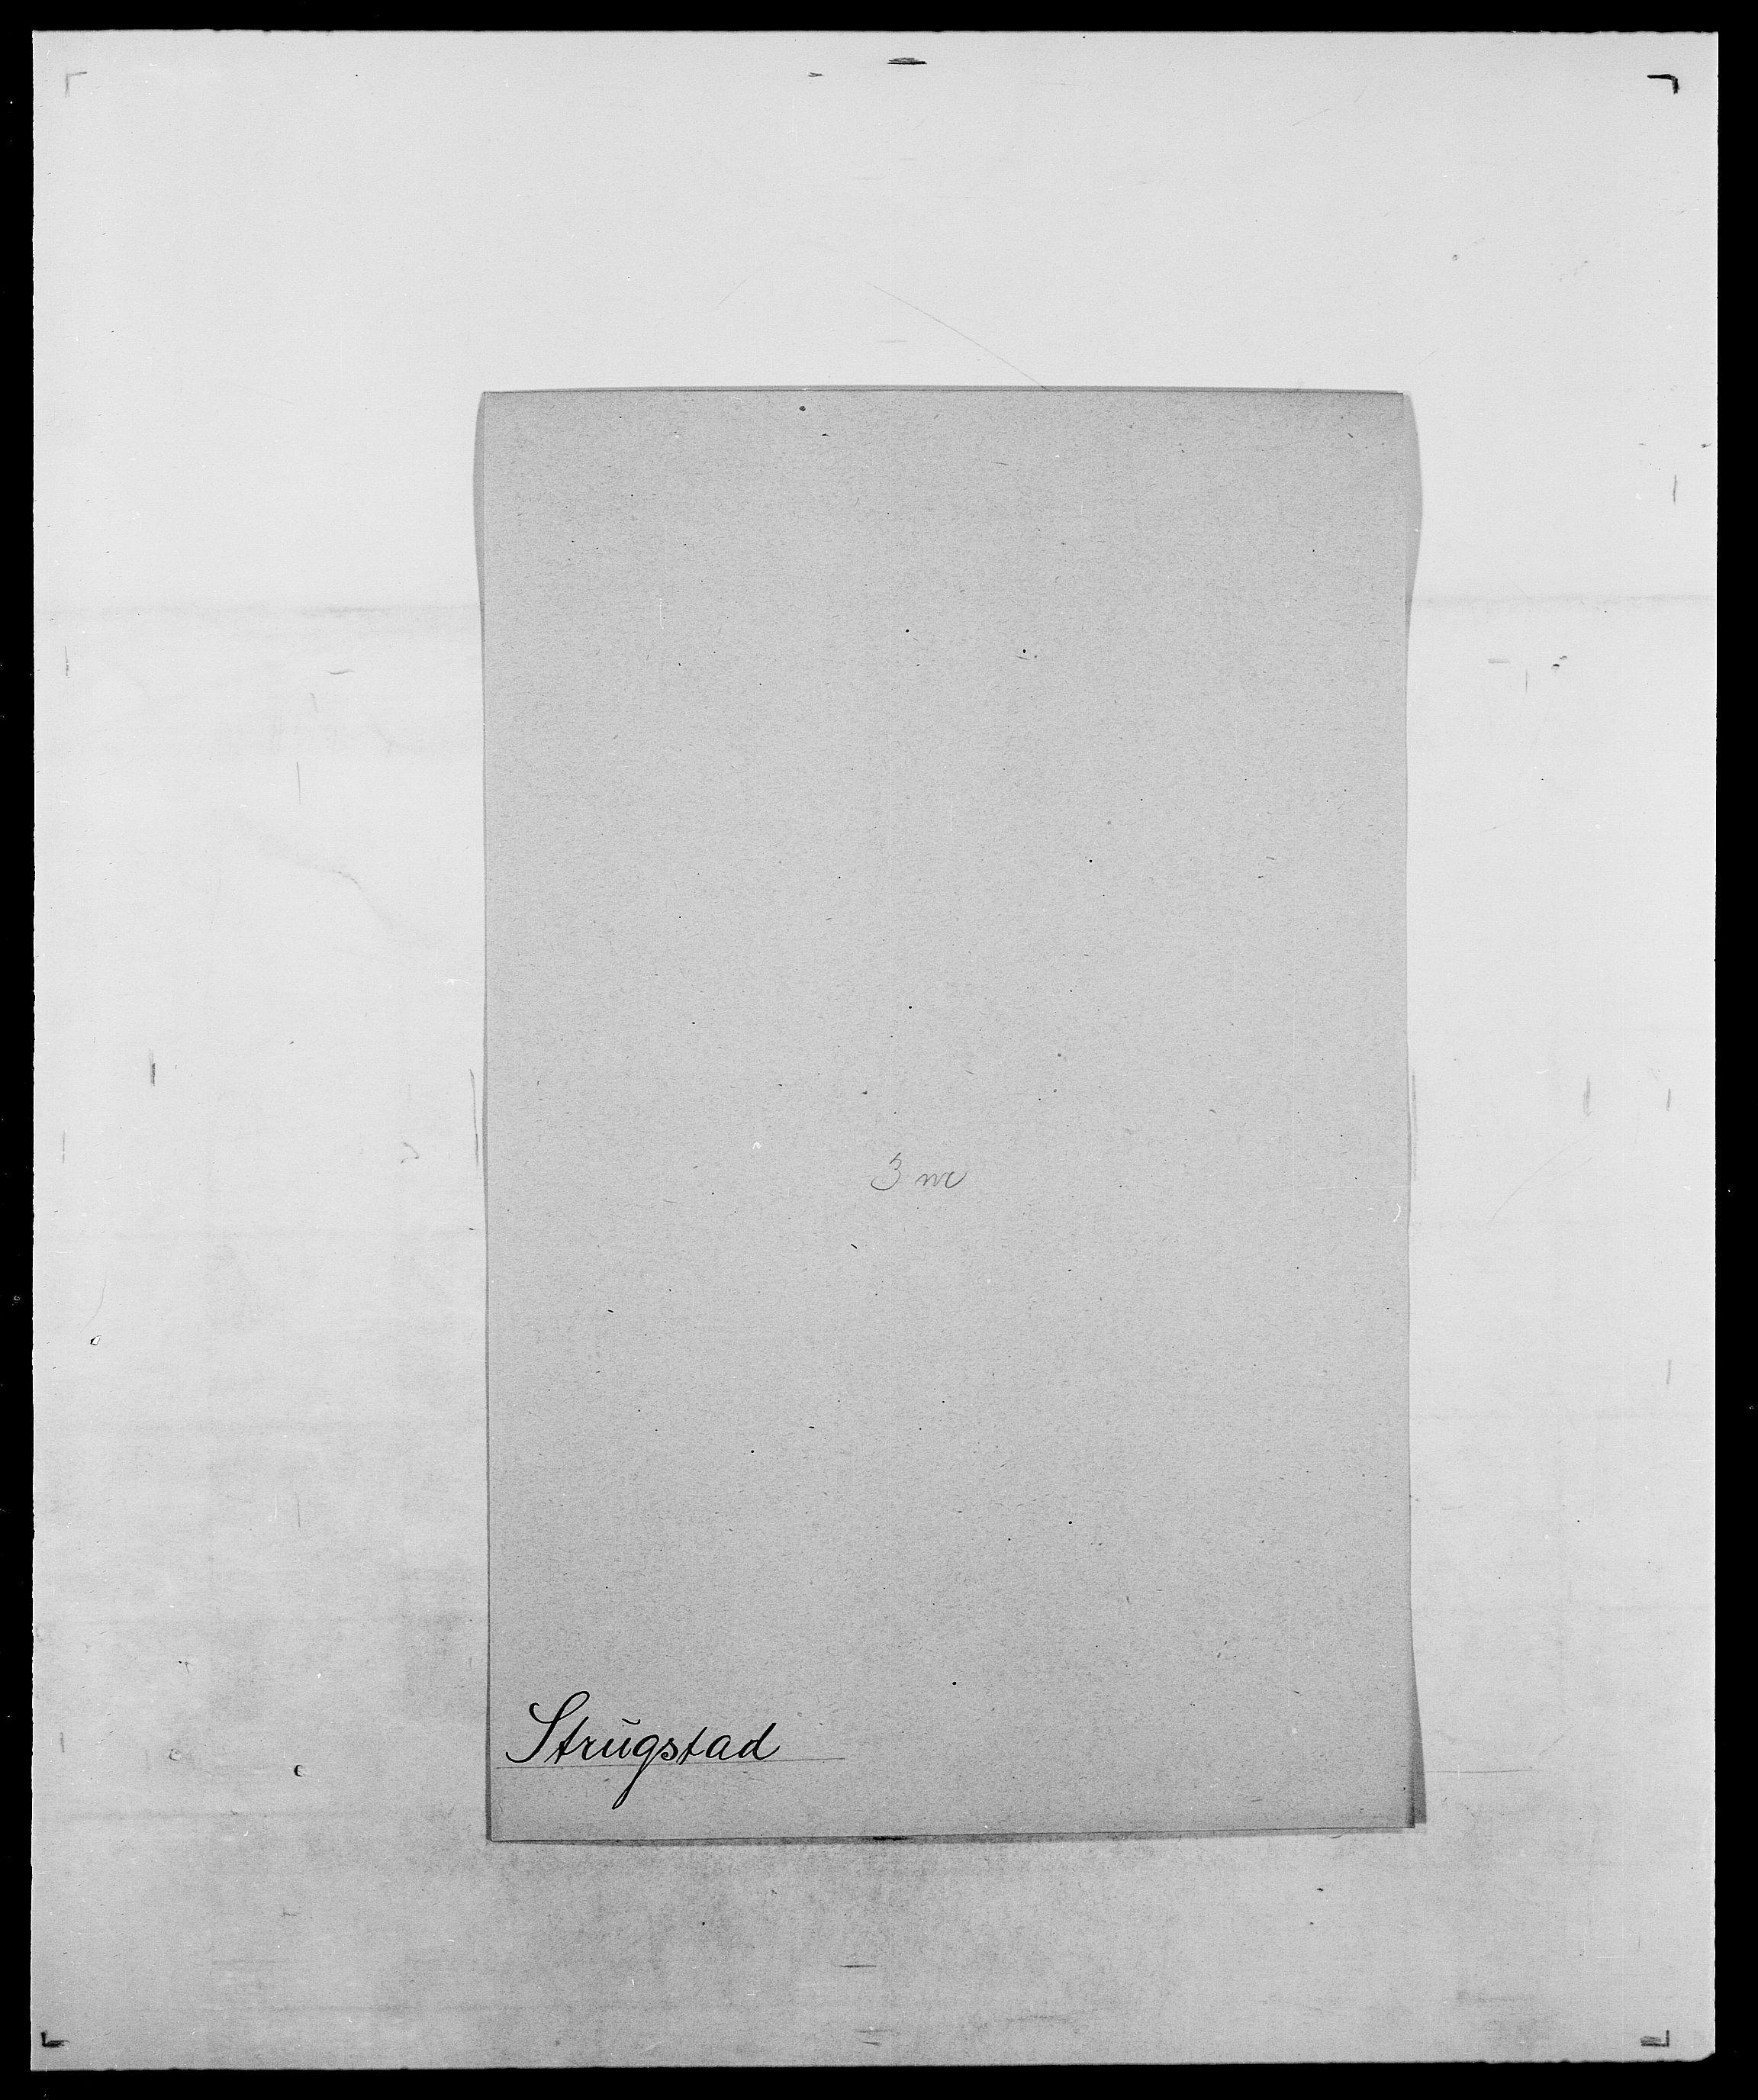 SAO, Delgobe, Charles Antoine - samling, D/Da/L0037: Steen, Sthen, Stein - Svare, Svanige, Svanne, se også Svanning og Schwane, s. 622